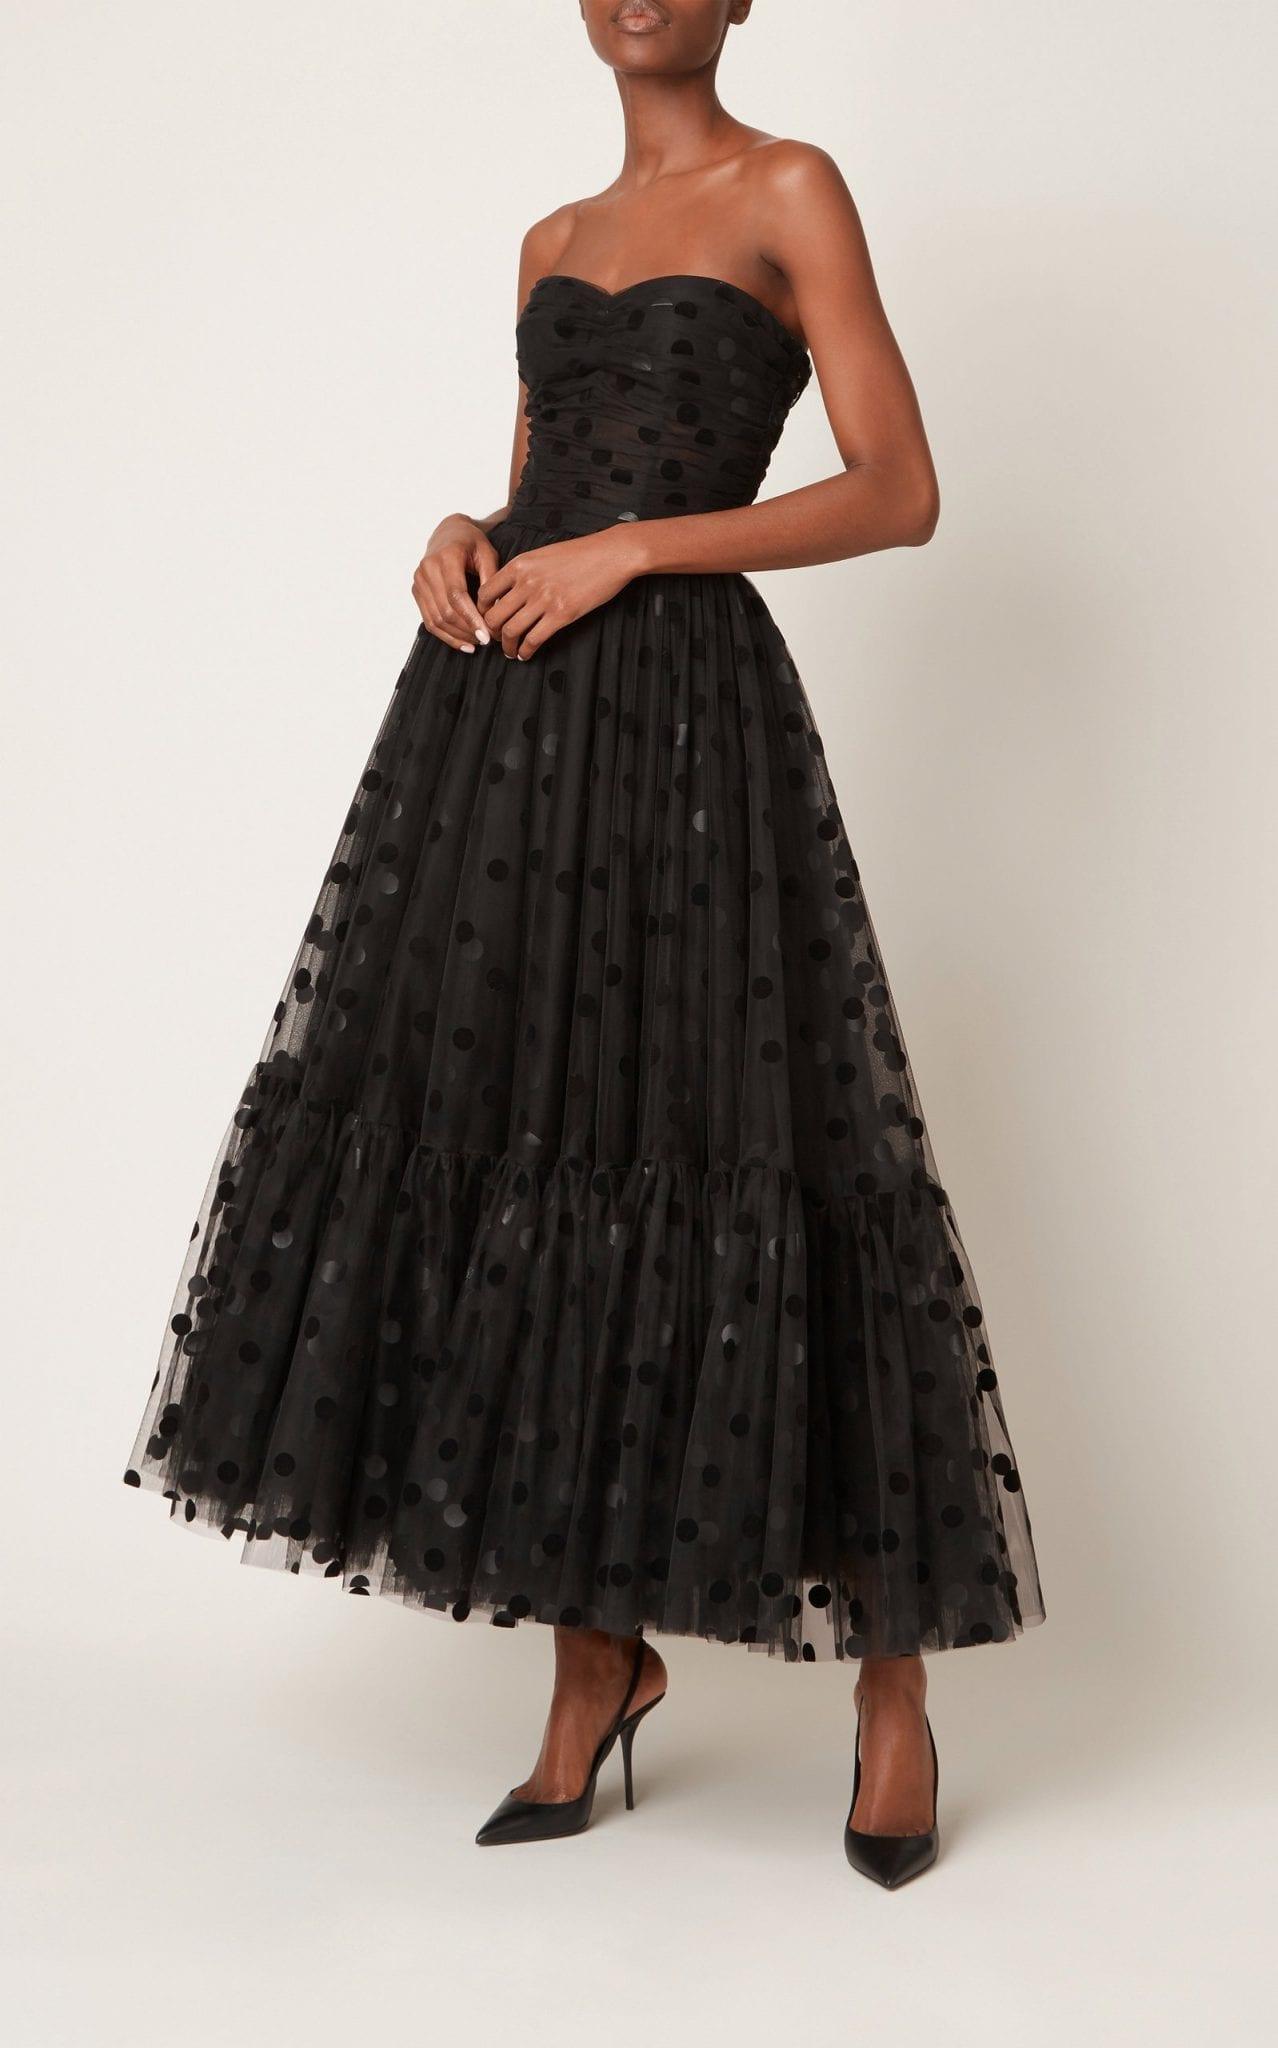 DOLCE & GABBANA Flocked Polka-Dot Tulle Strapless Cocktail Dress